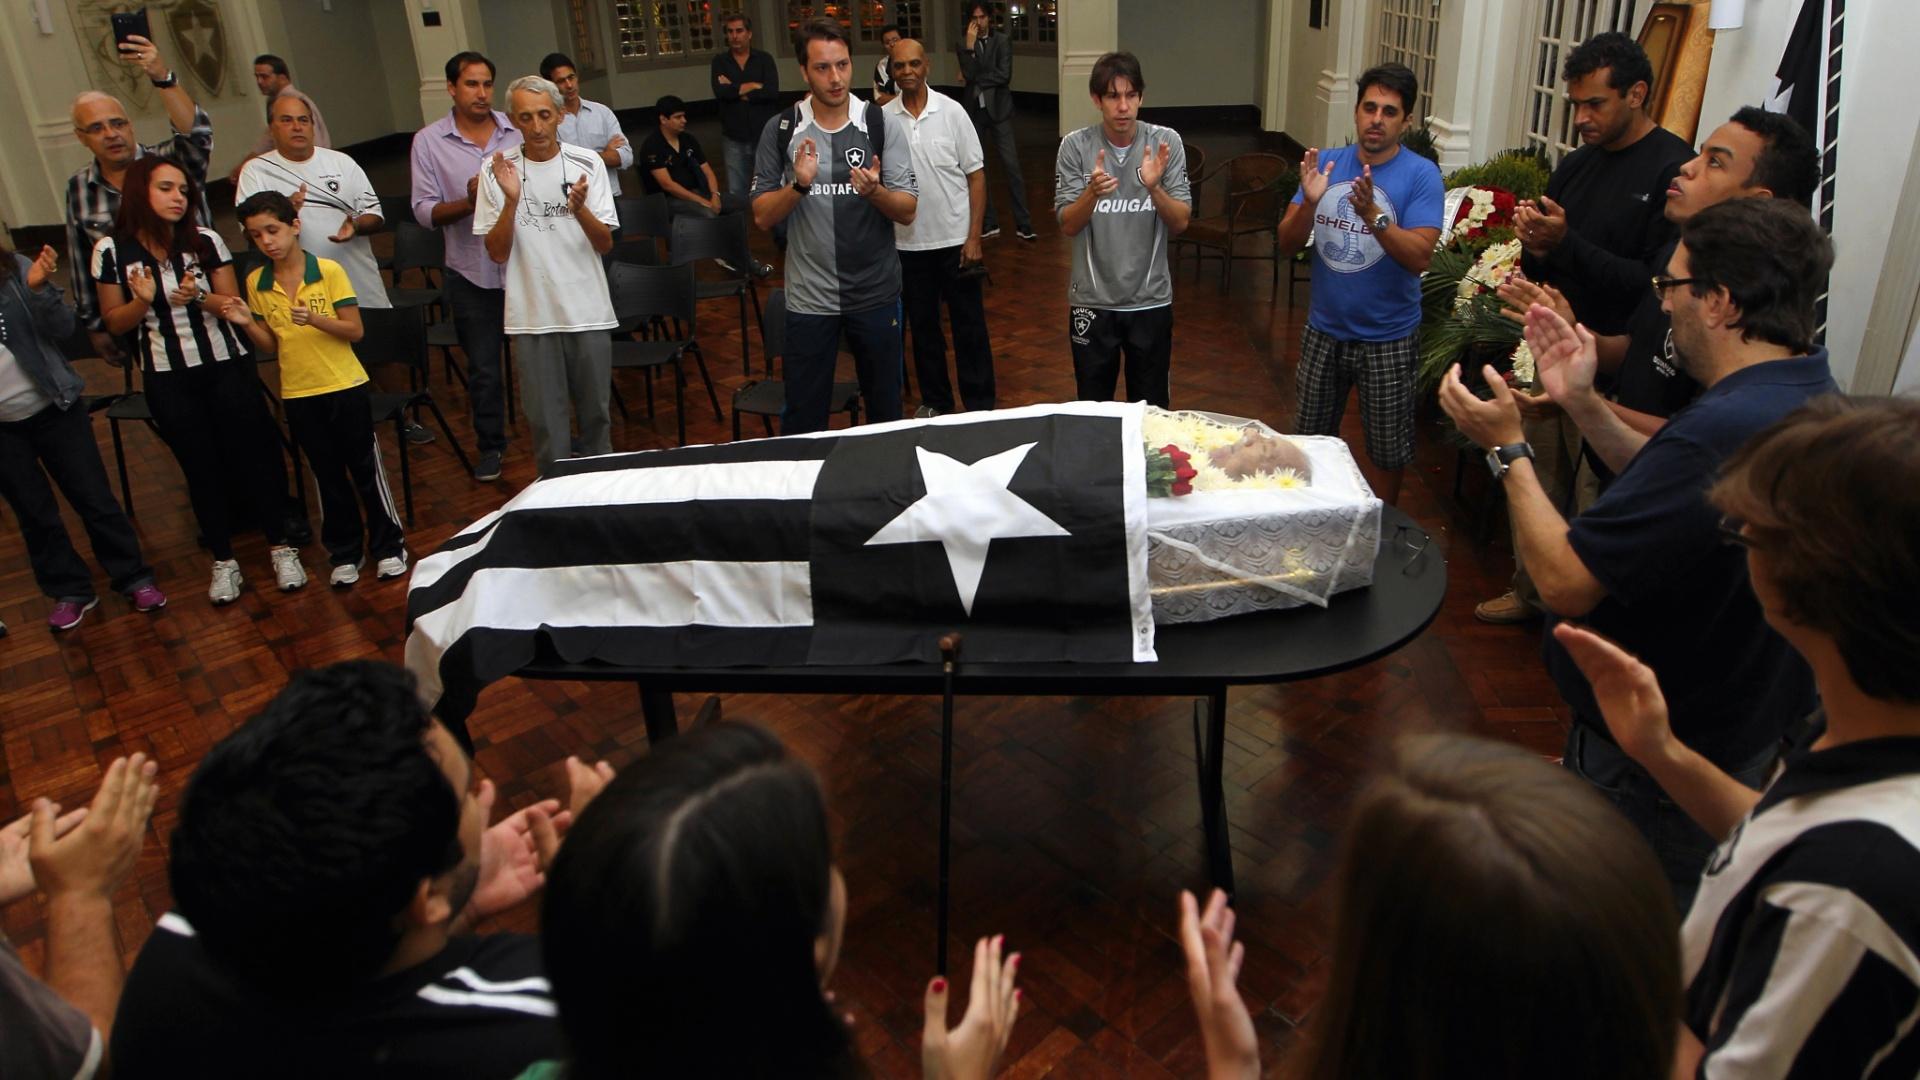 27.nov.2013 - Corpo do ex-jogador Nilton Santos é velado no Salão Nobre do Clube do Botafogo, no Rio de Janeiro; o bicampeão mundial com a seleção brasileira morreu no dia 27 de novembro de 2013 aos 88 anos